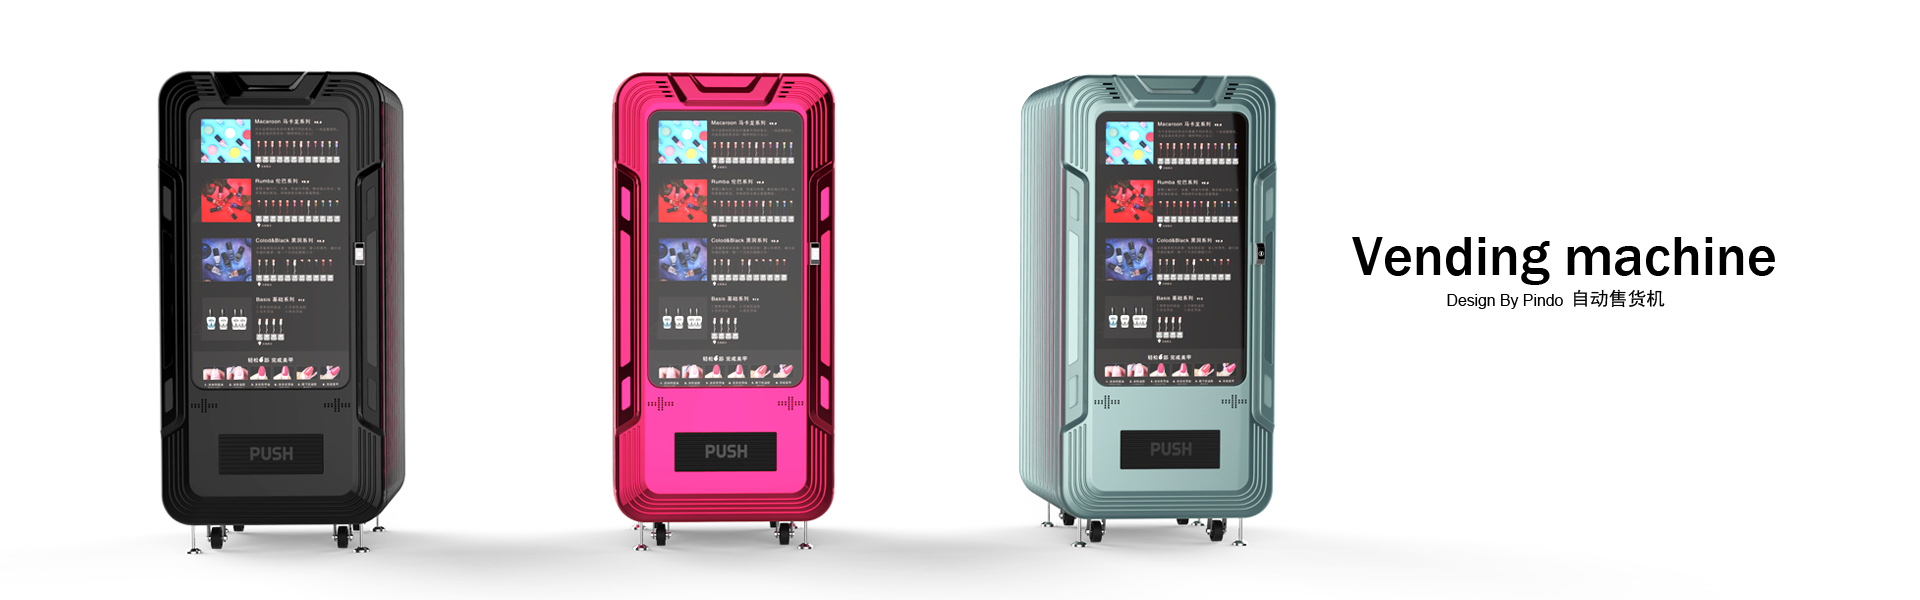 3D打印机安检机家居终端存储器水槽矫正灯净化机平板电脑设计